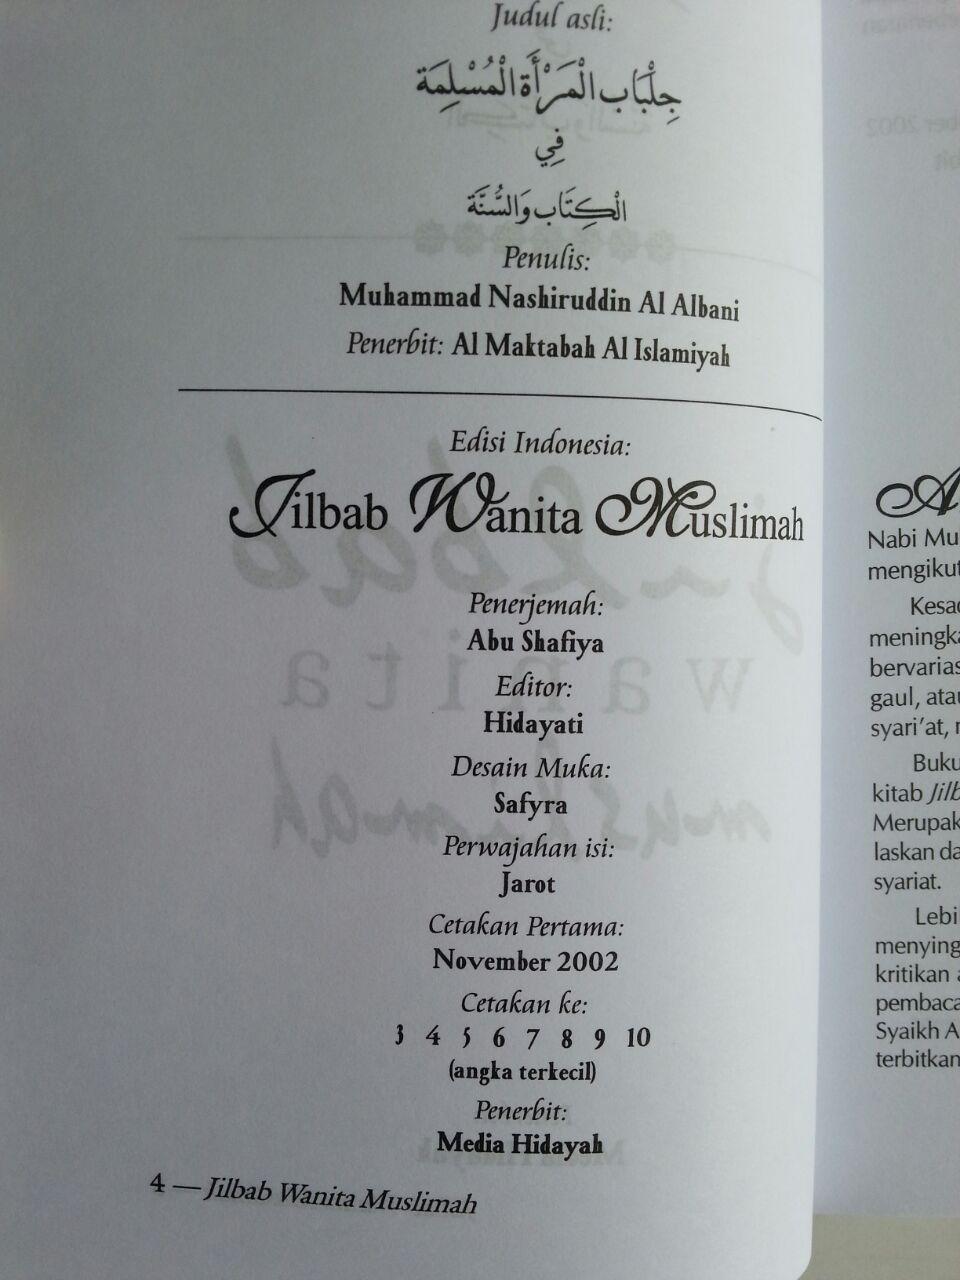 Buku Jilbab Wanita Muslimah isi